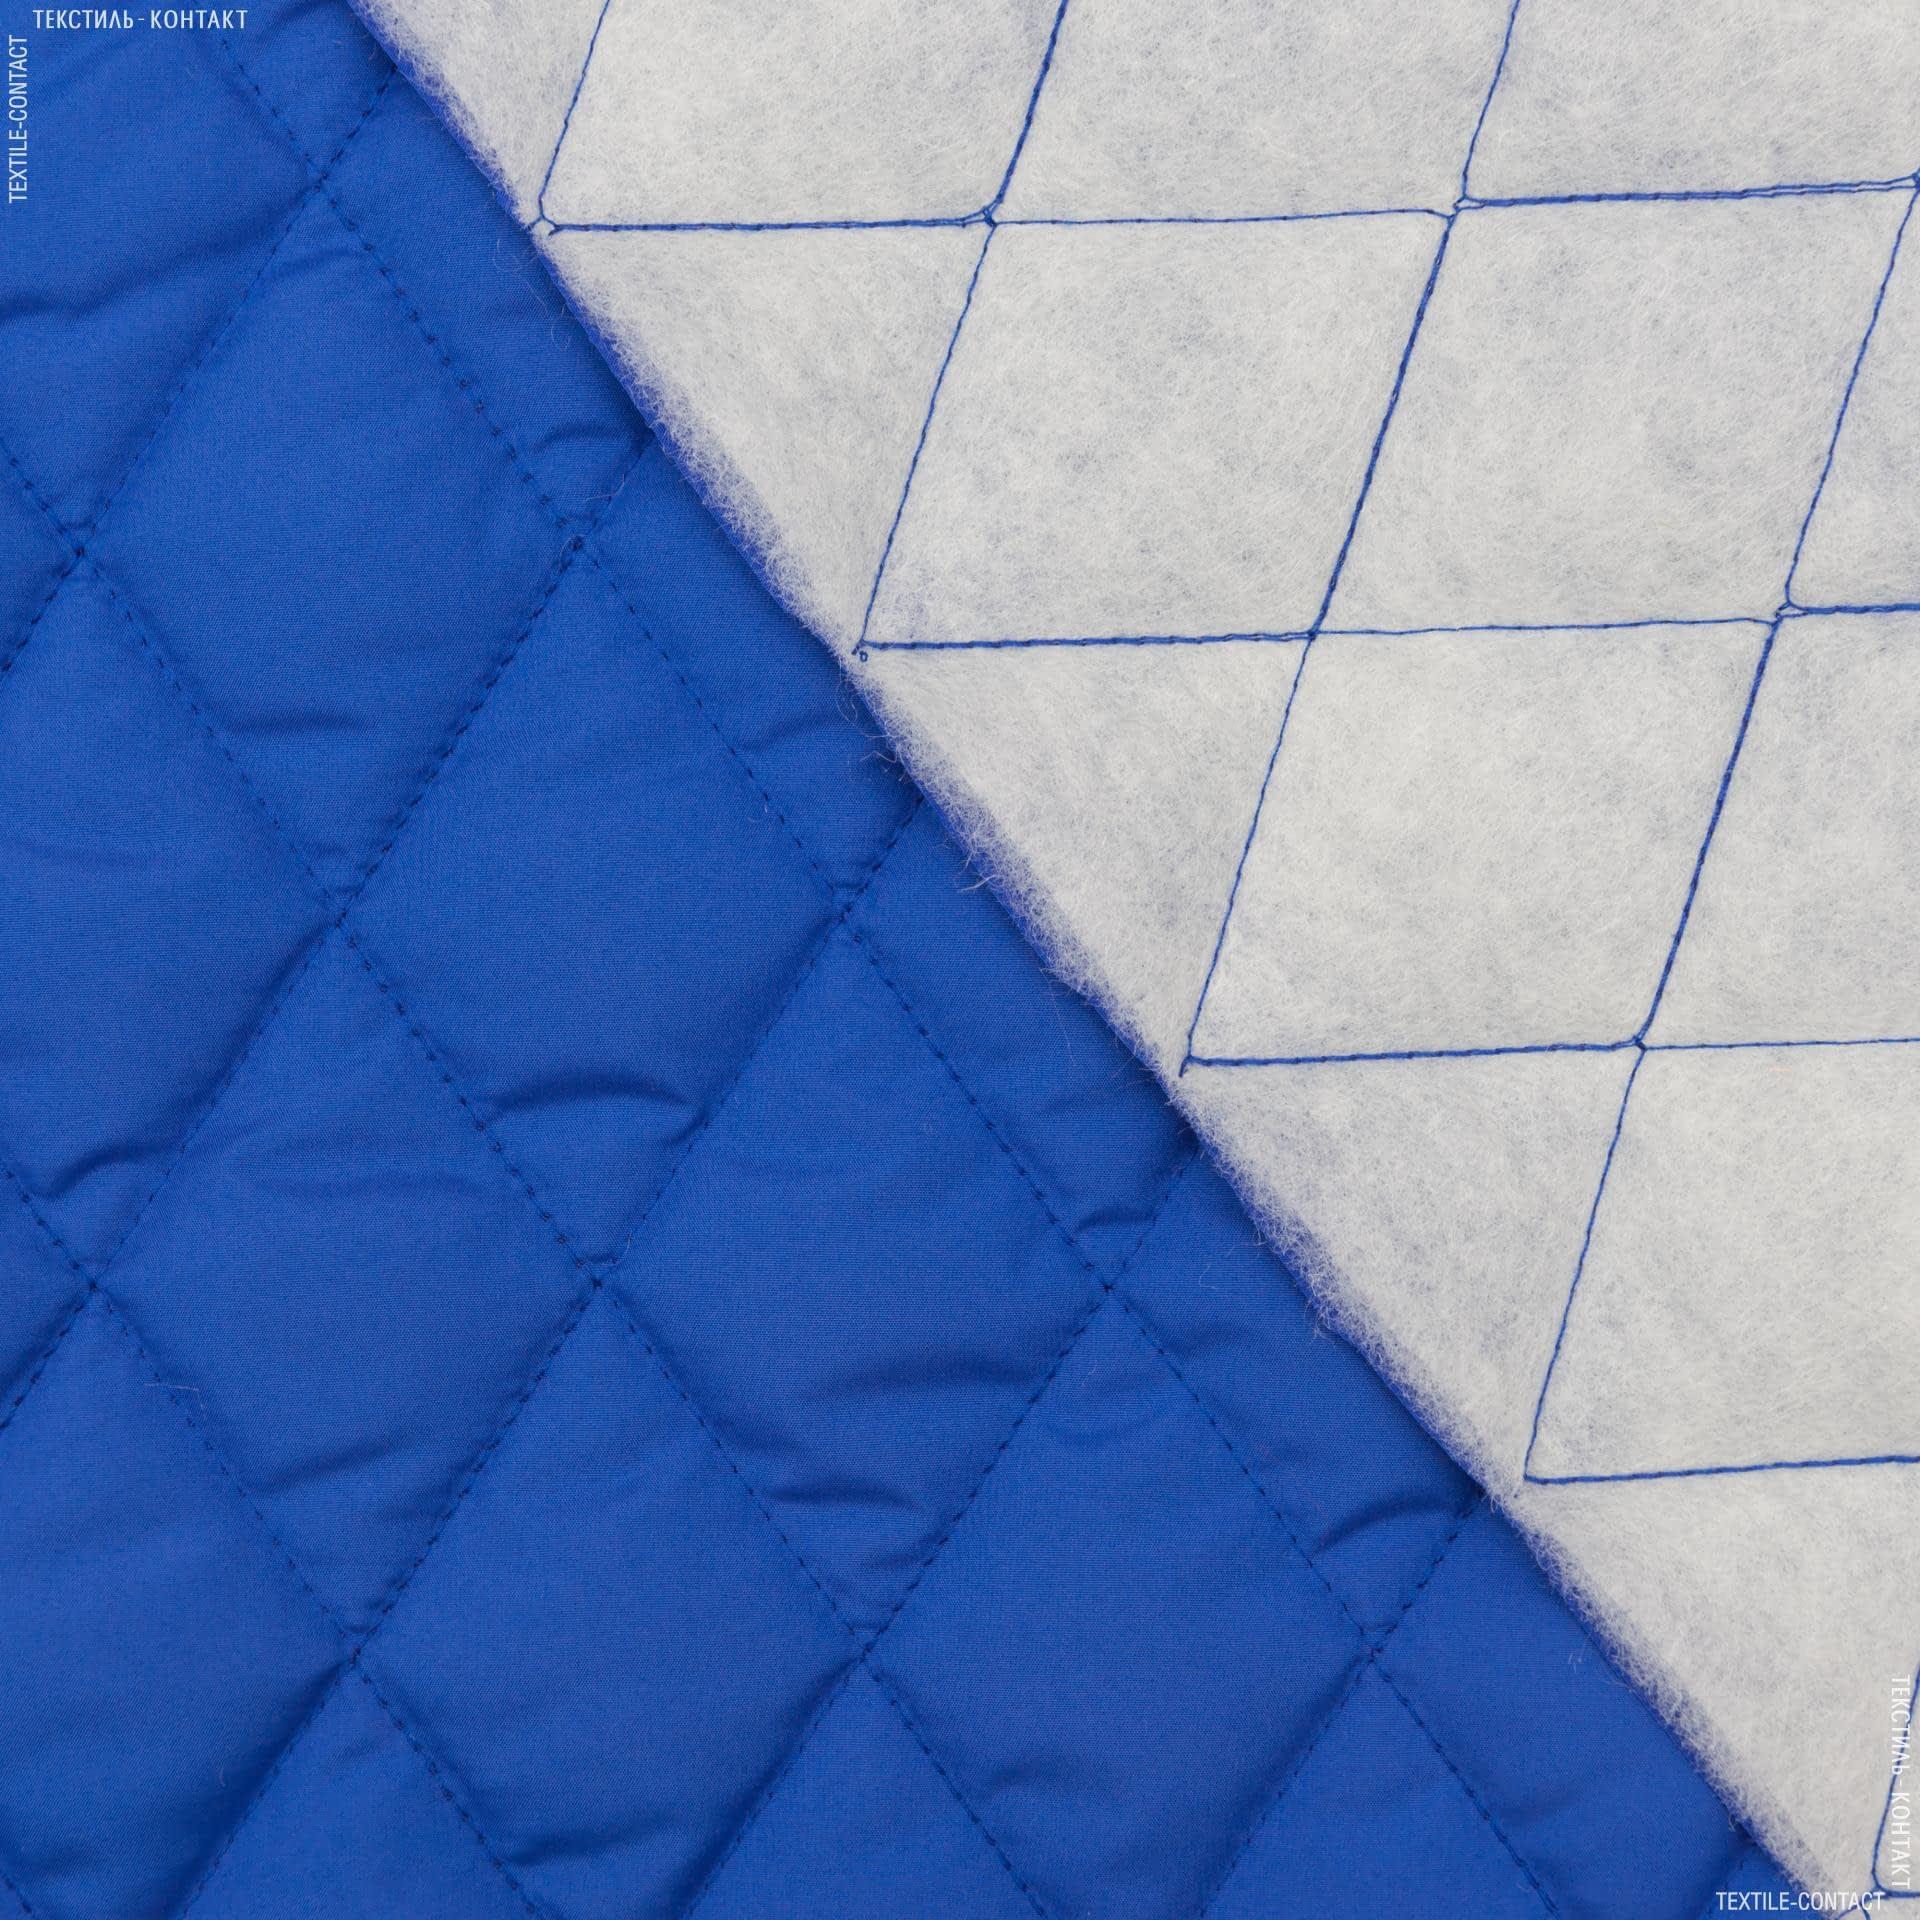 Ткани все ткани - Плащевая фортуна стеганая васильковый